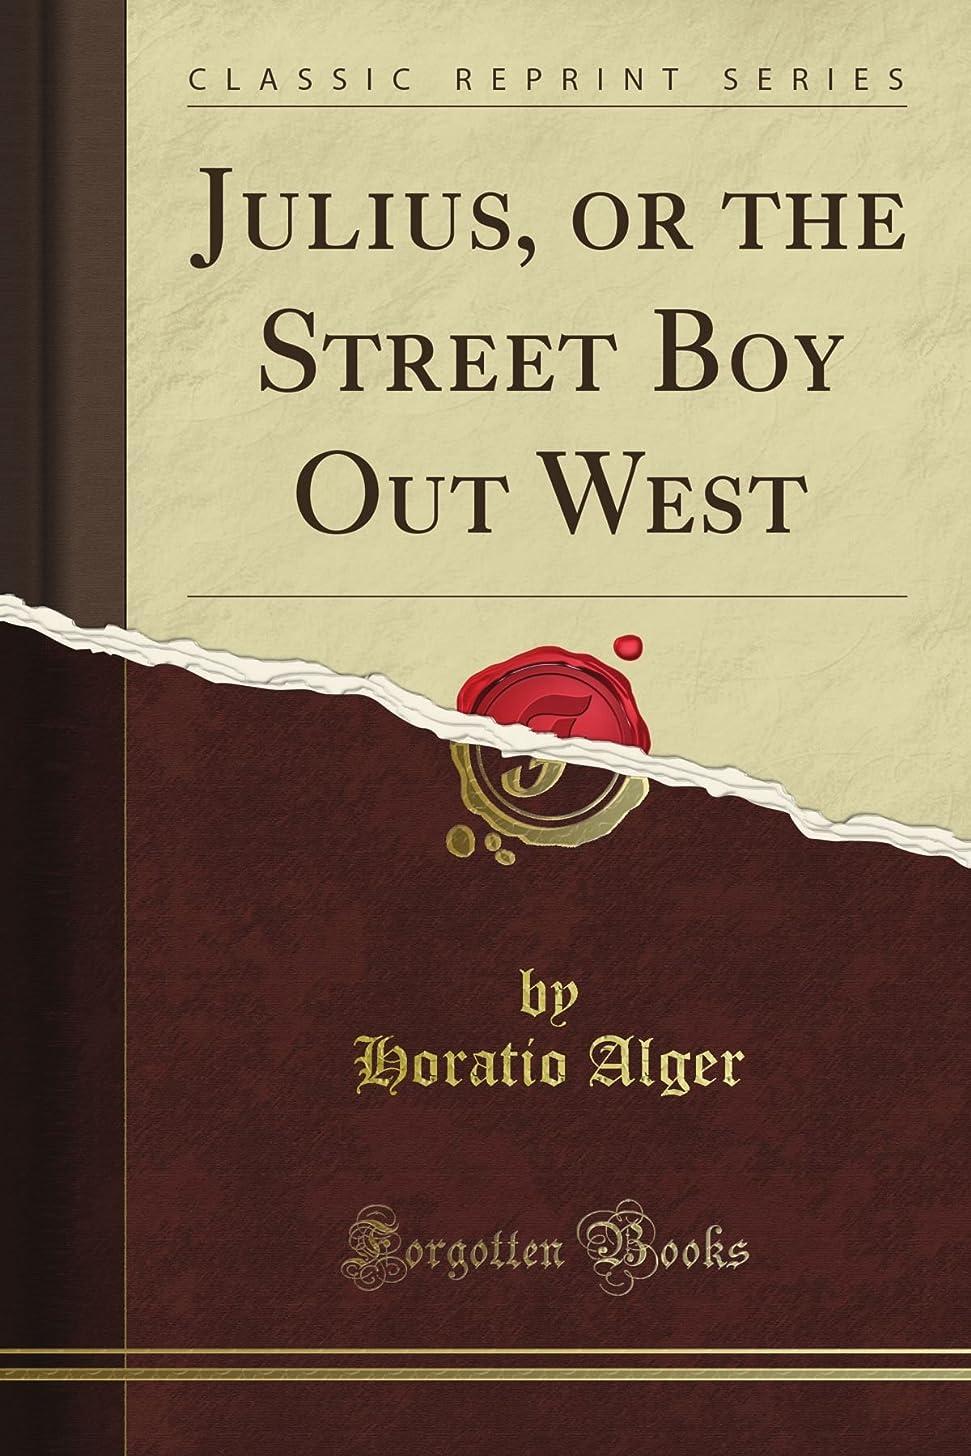 ミシン個人的なエミュレートするJulius, or the Street Boy Out West (Classic Reprint)